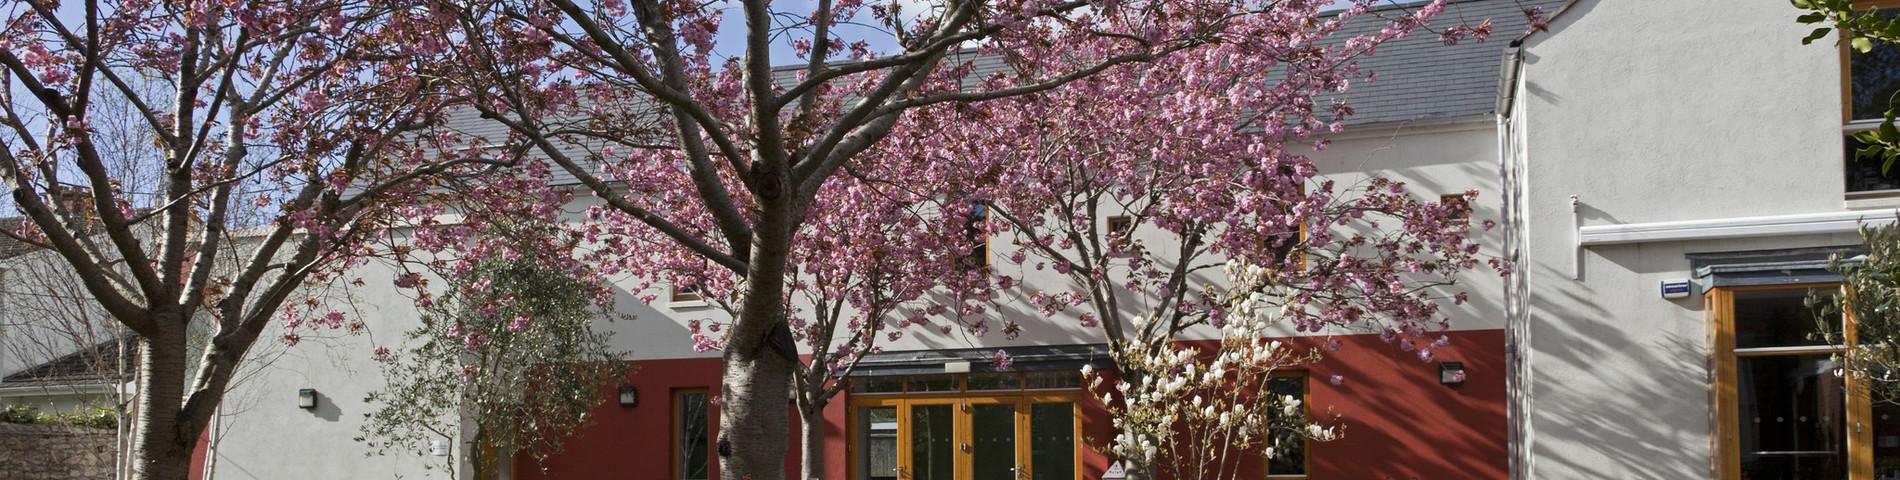 Imatge 1 de l'escola Emerald Cultural Institute